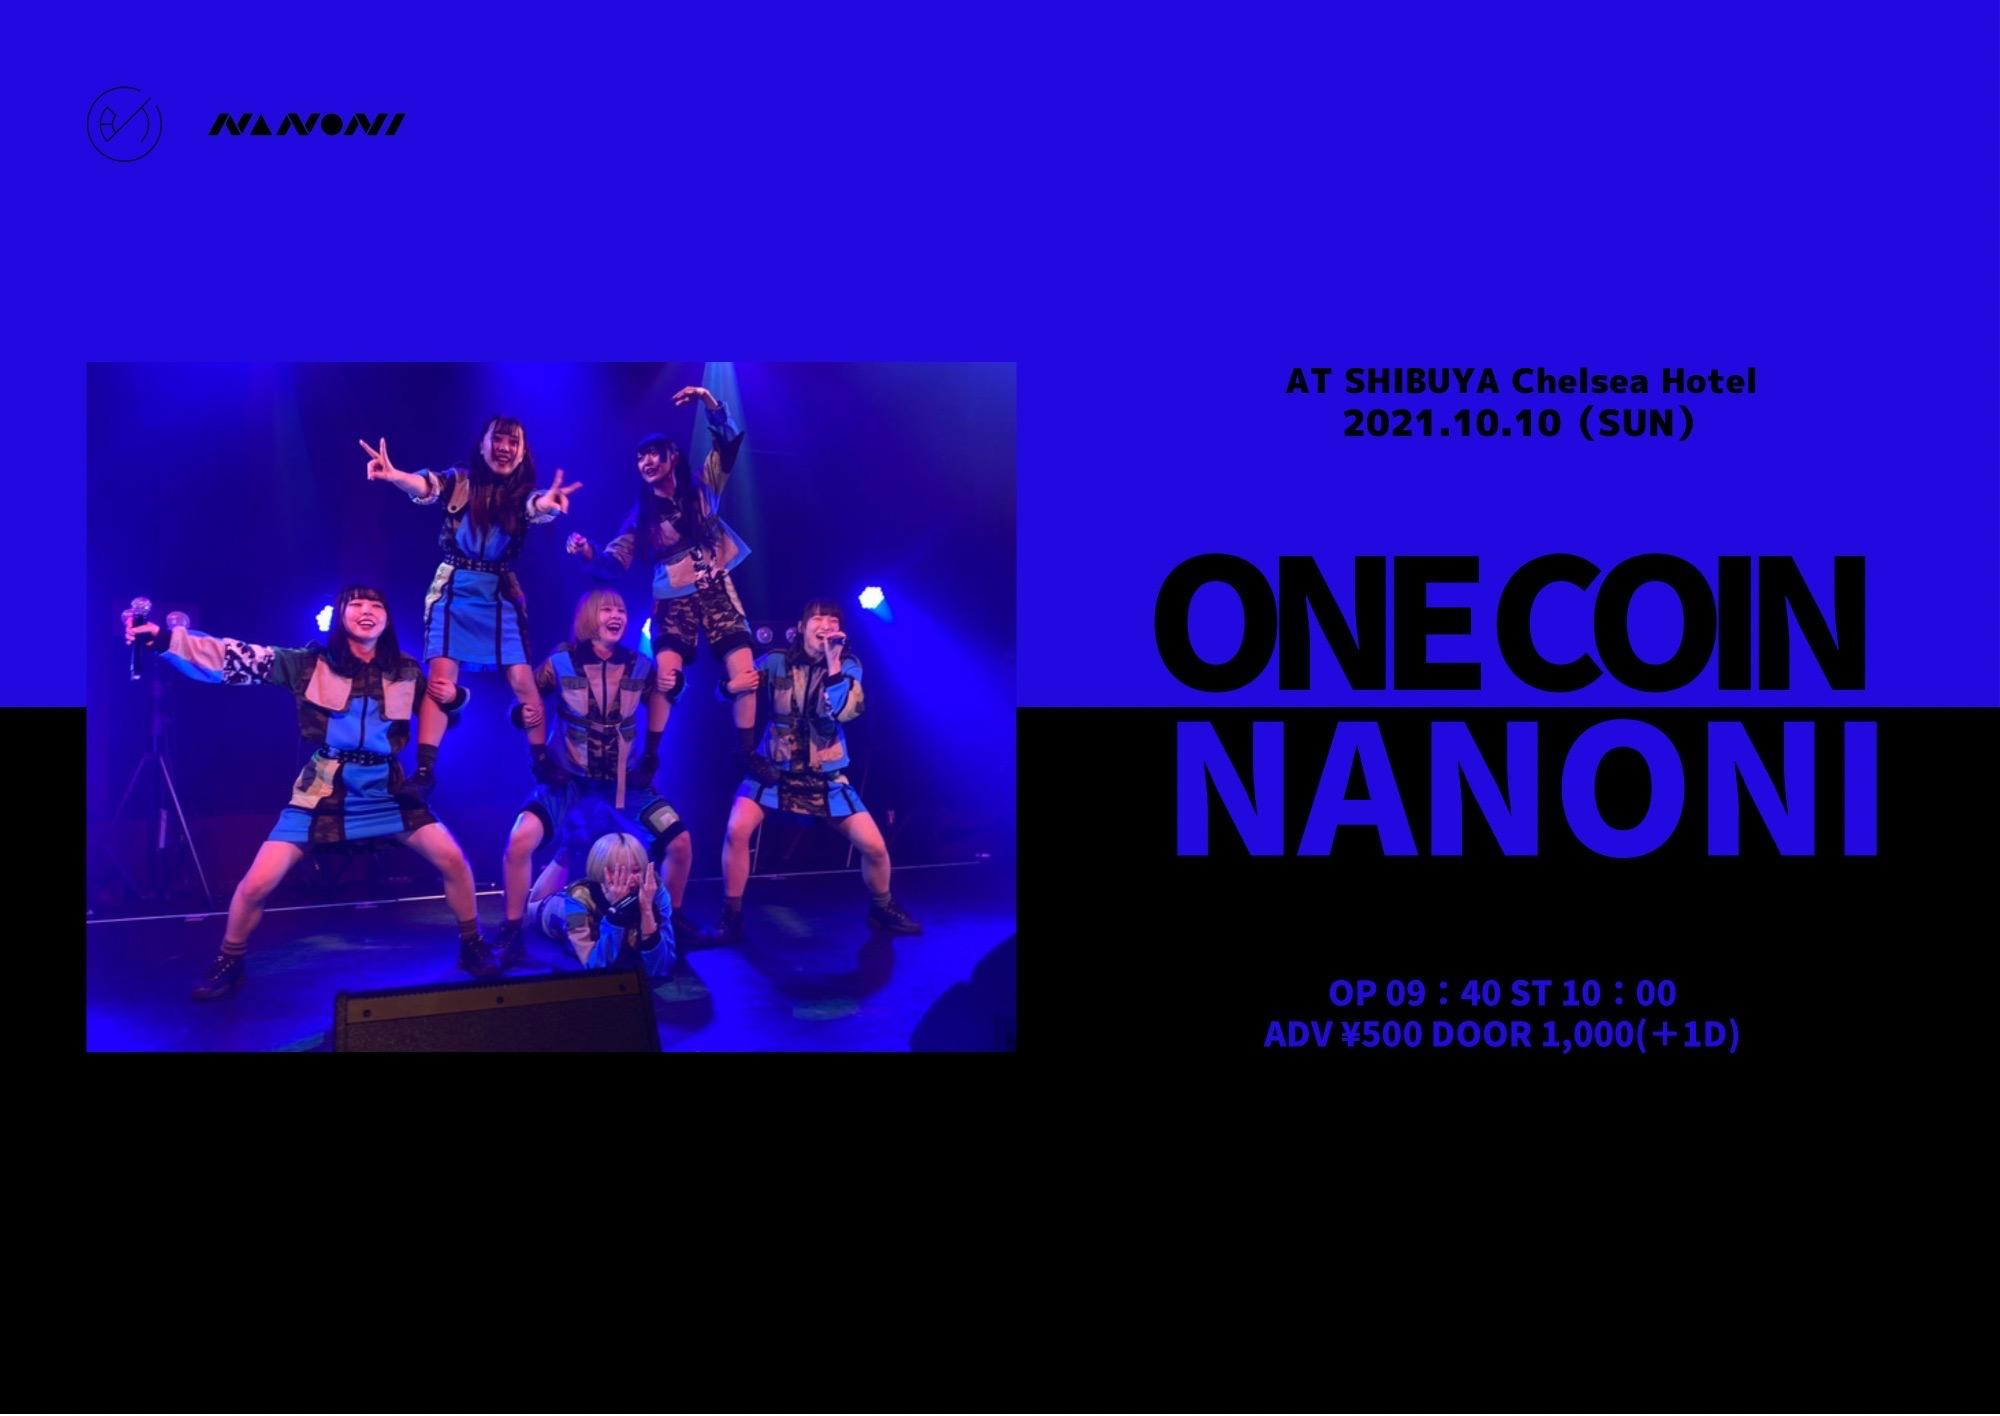 ONE COIN NANONI